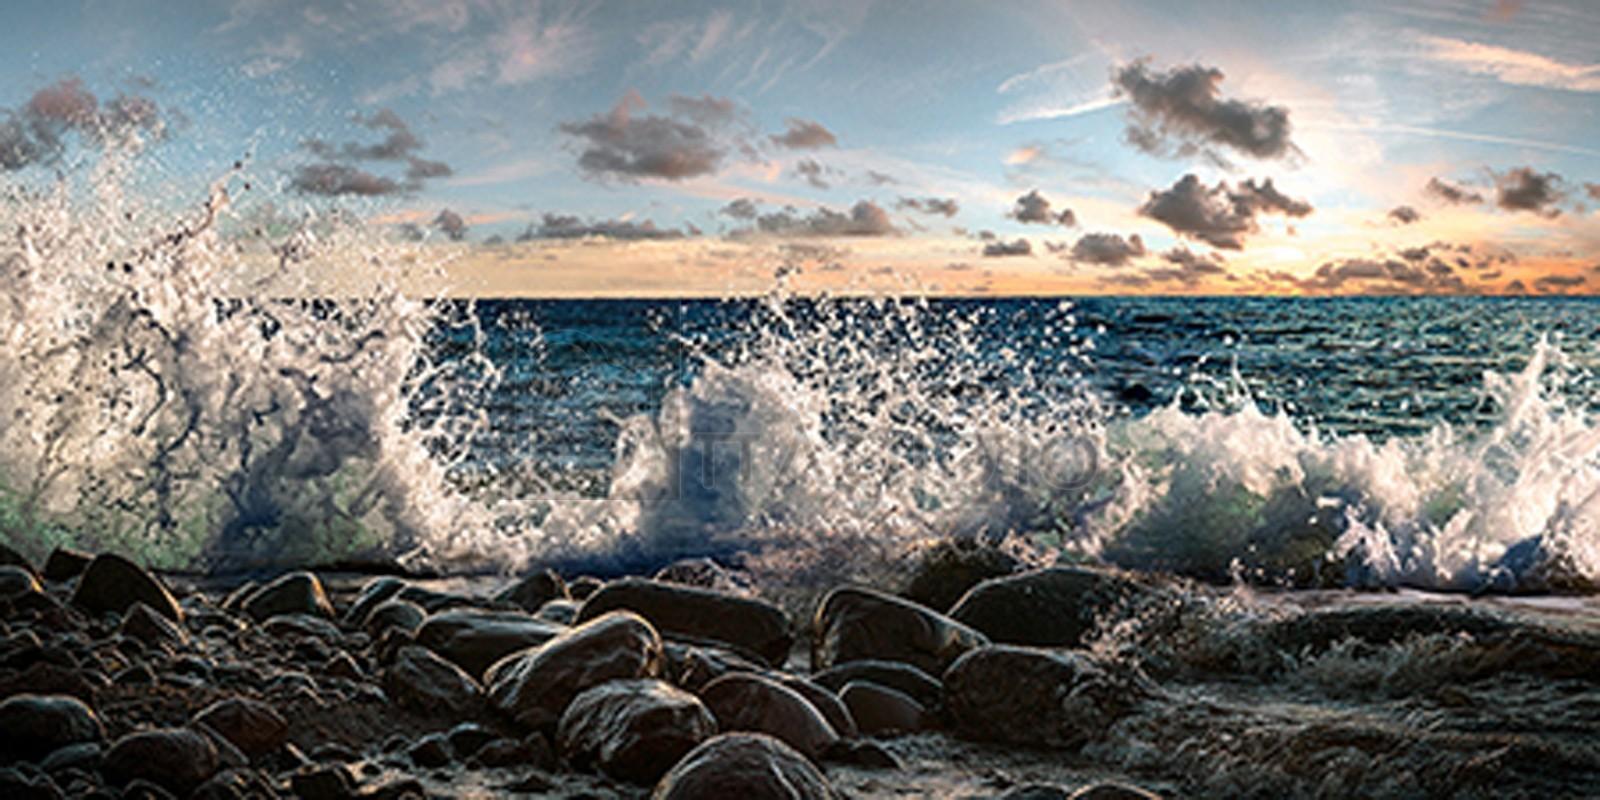 Pangea Images - Waves crashing, Point Reyes, California (detail)